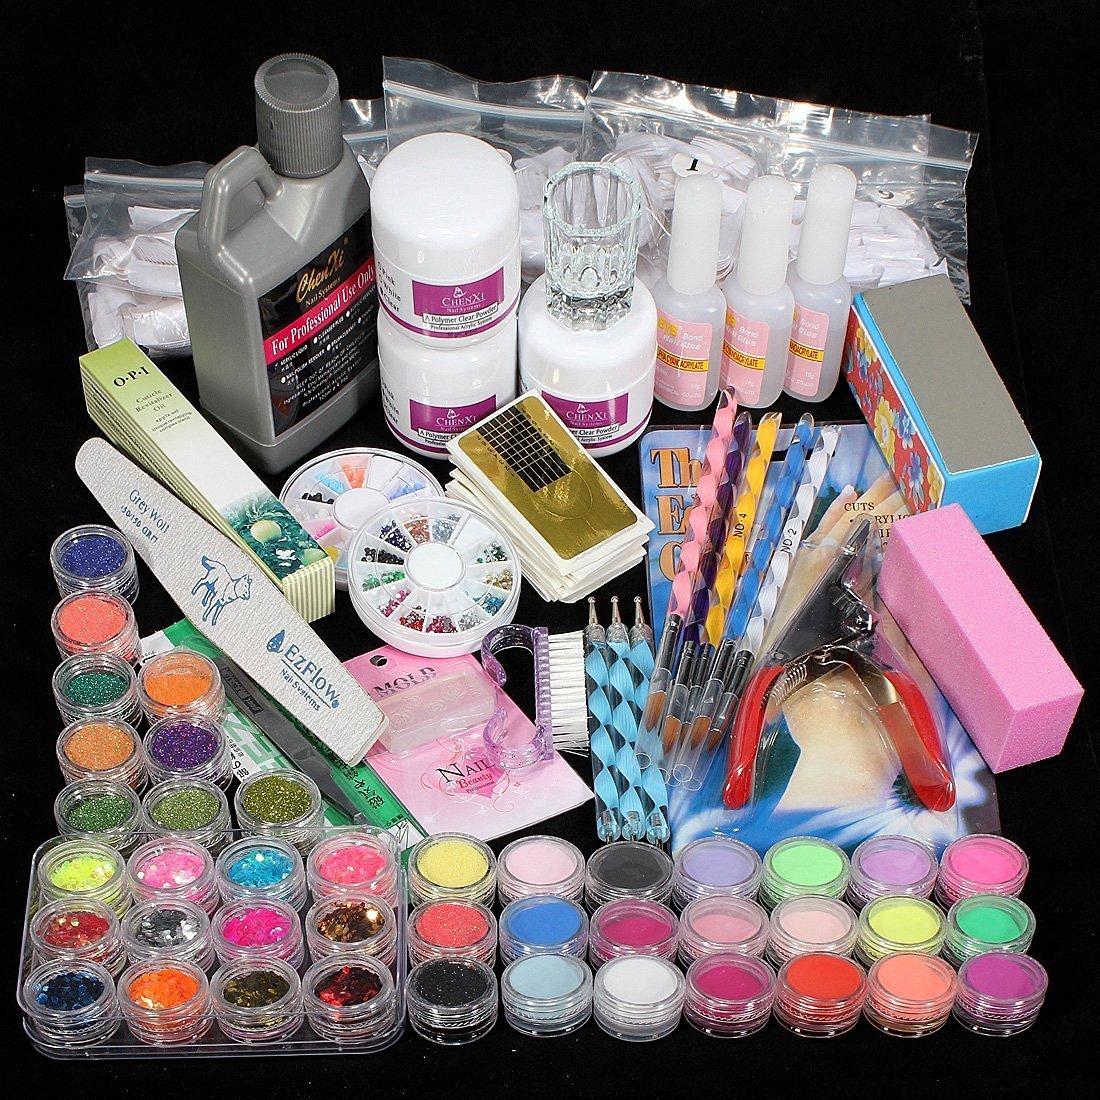 Nail Gel Manicure Set Nail Kit Set Nail Art Tools Polish Nail Set Kit Building Gel Manicure Set A Seto of Tools